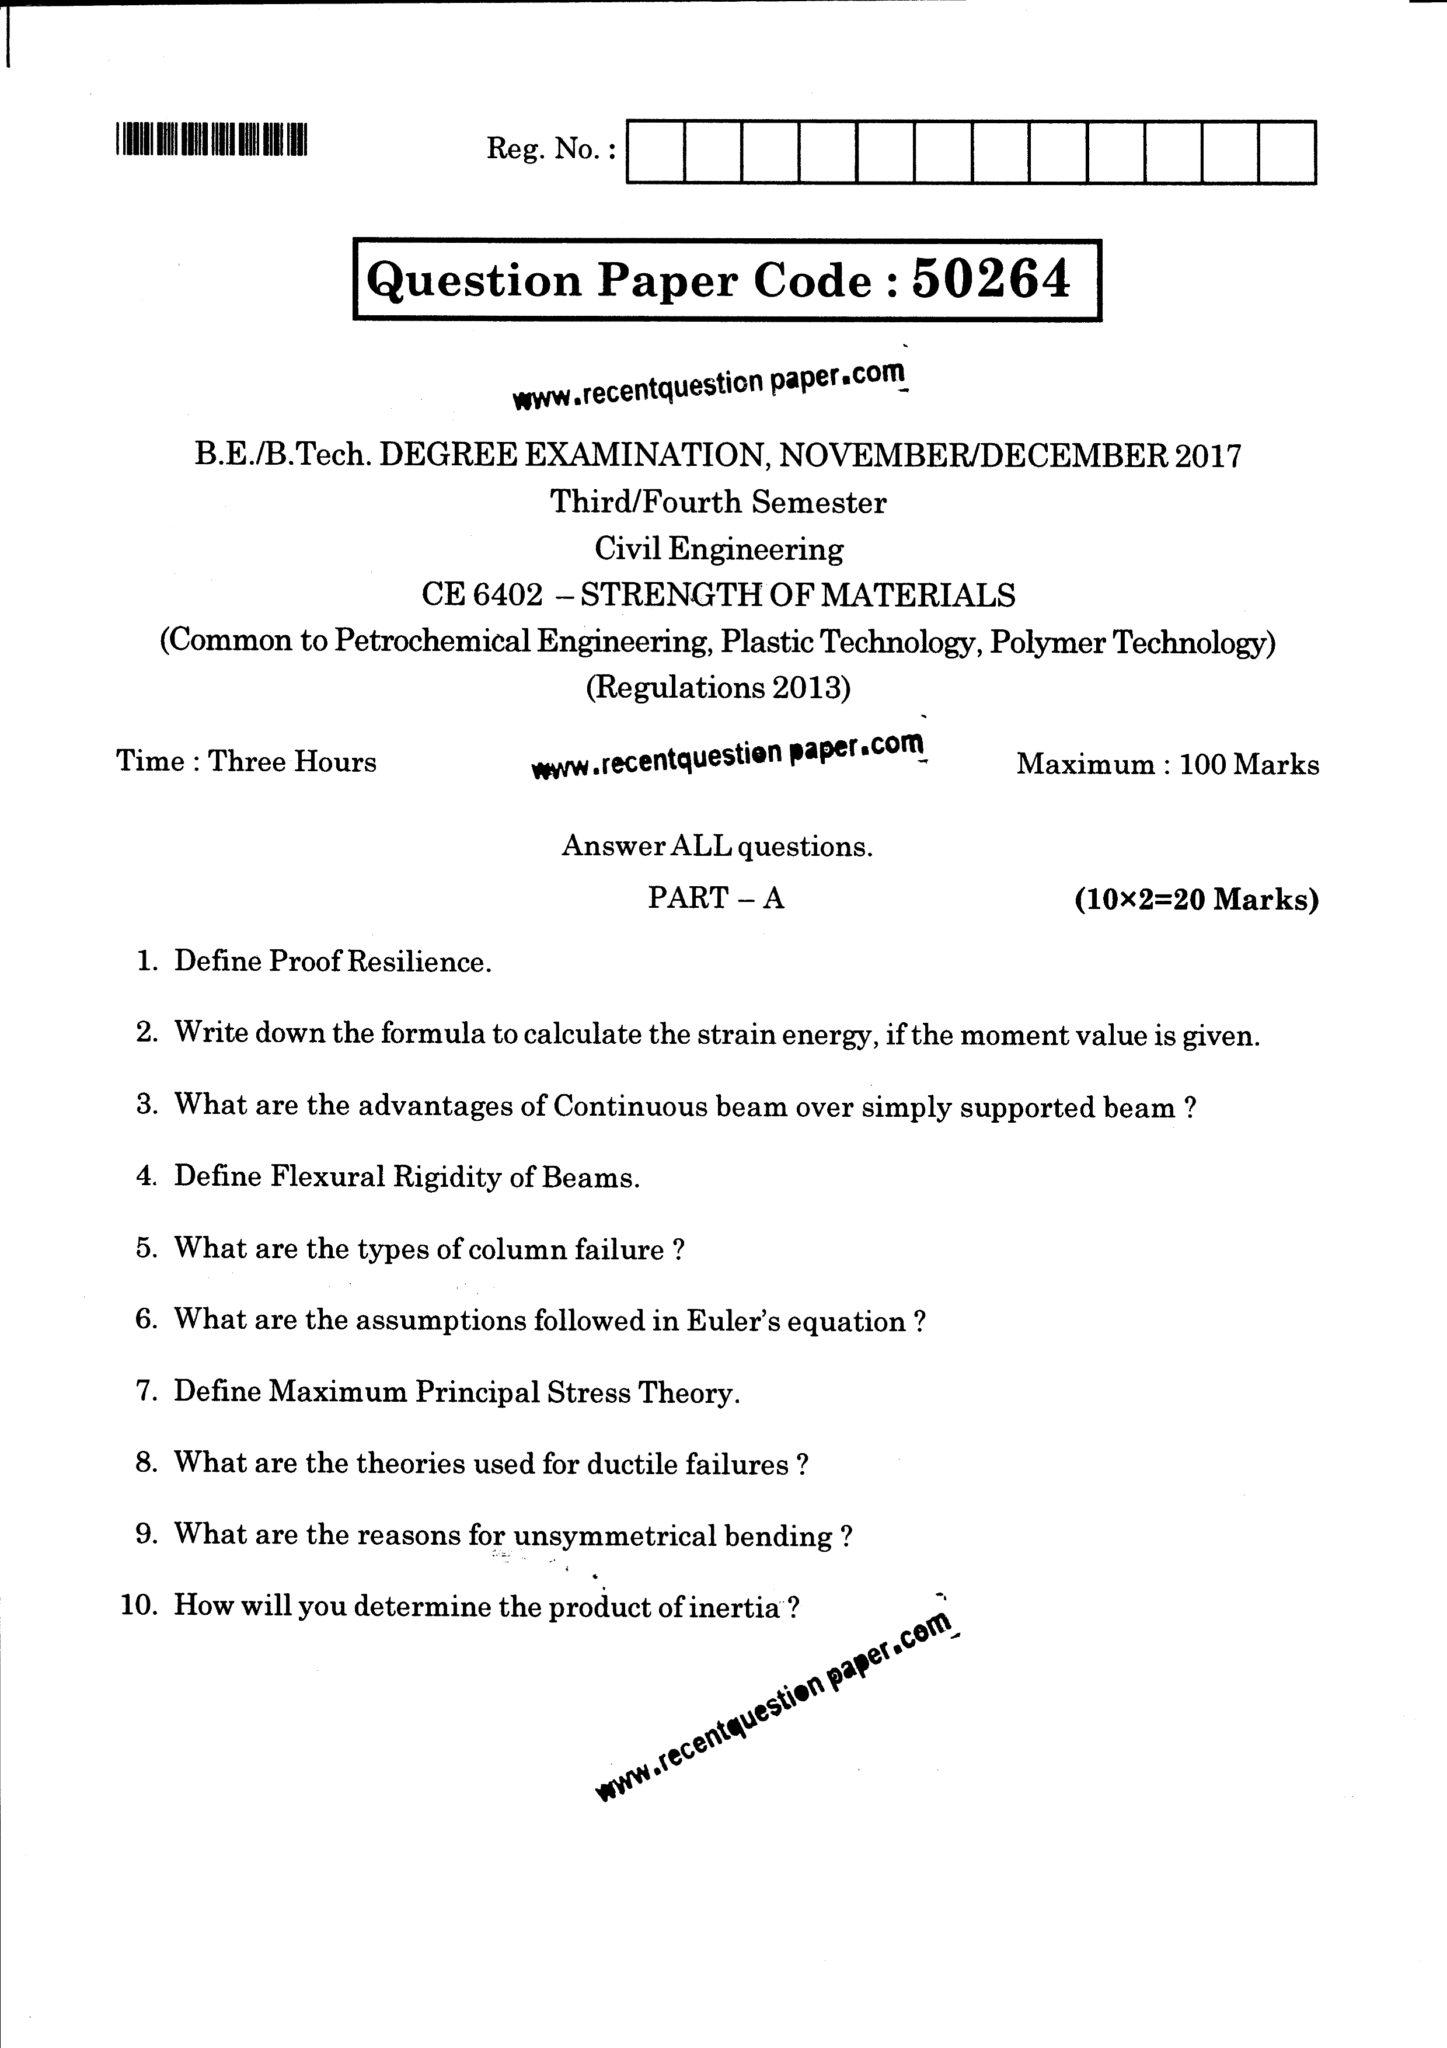 CE6402 Strength Of Materials Question Paper Nov/Dec 2017